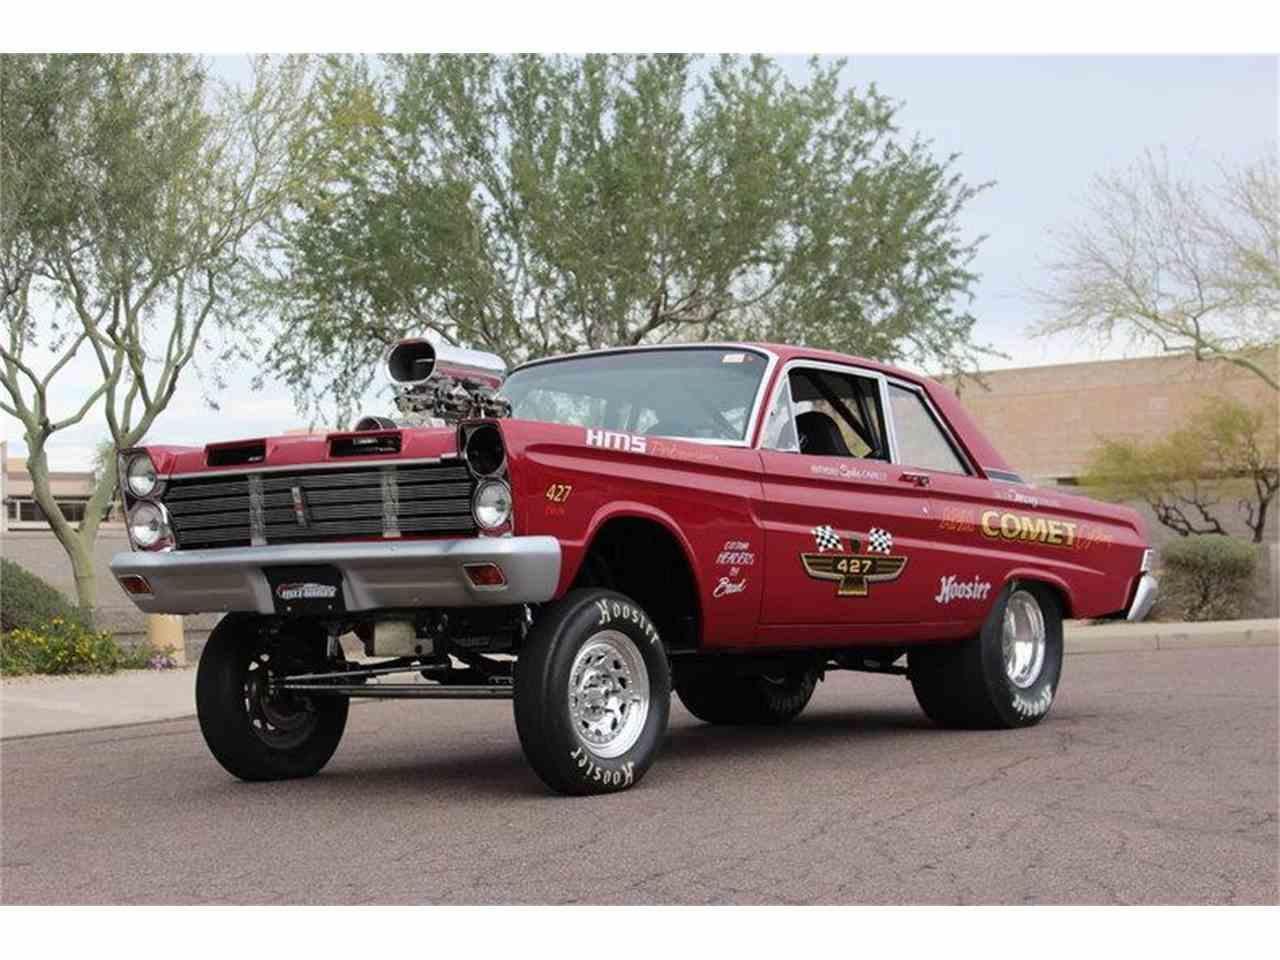 Comet Classic Car Show